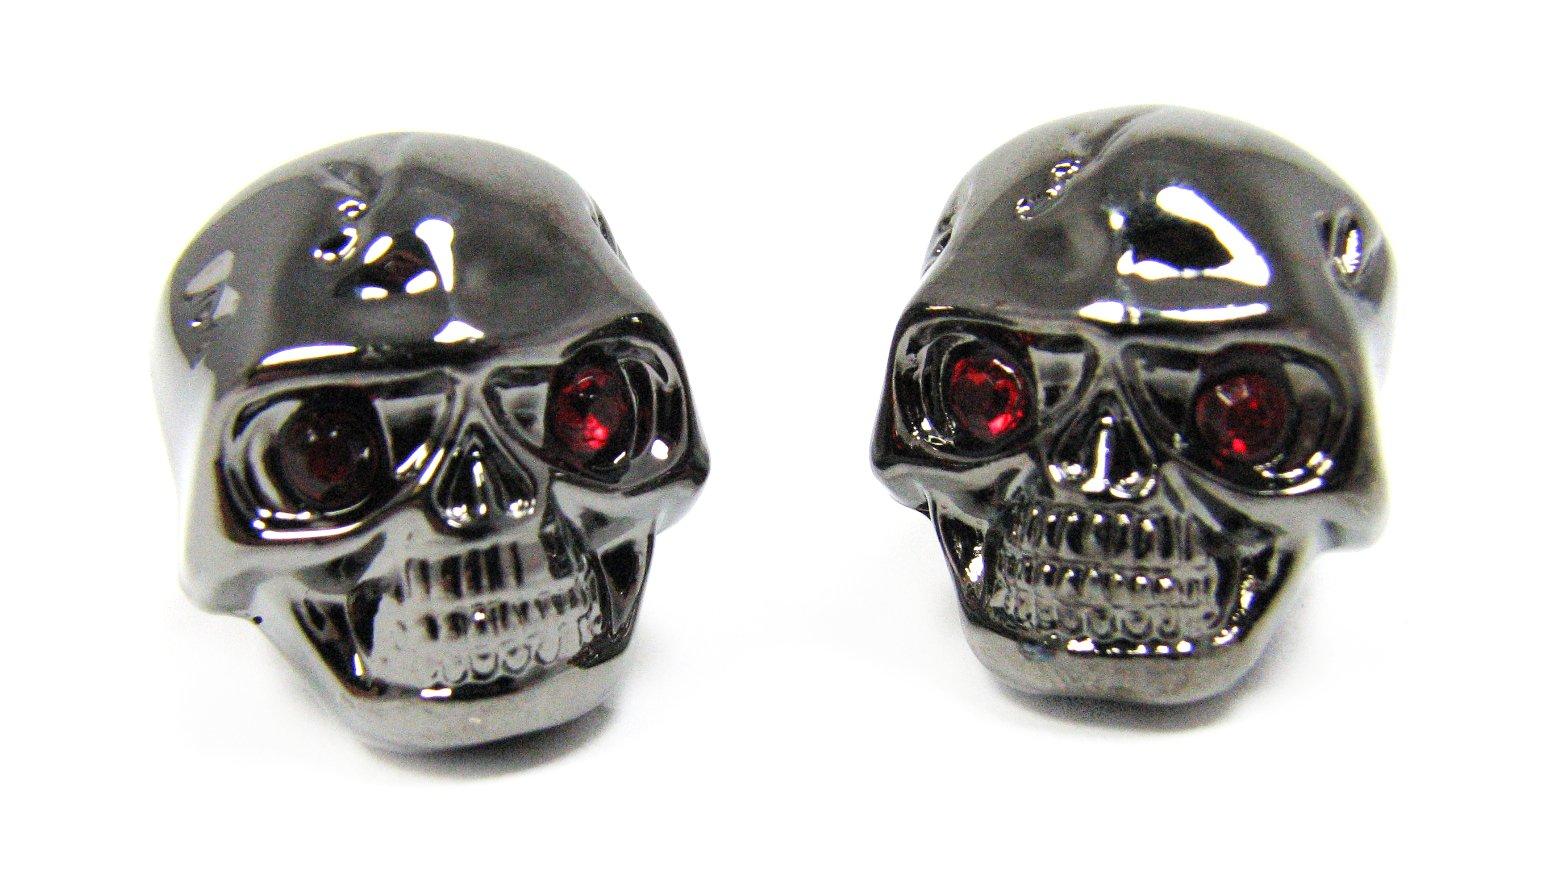 2-pack Potentiometer Knobs: Dark Chrome Skull